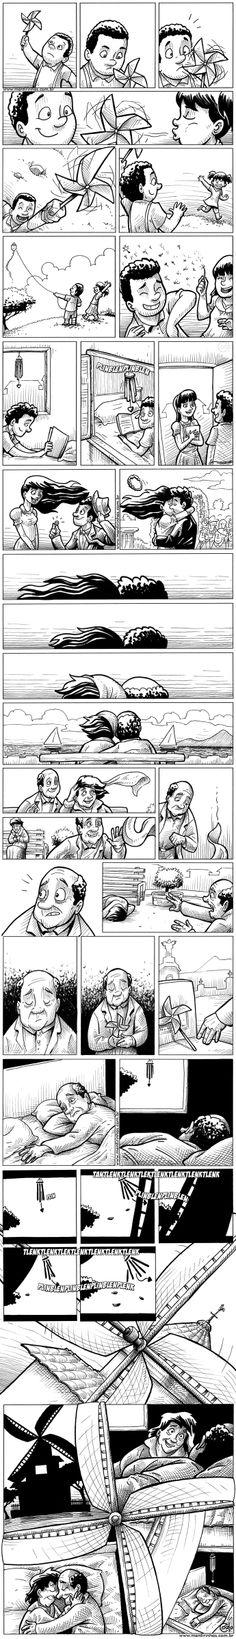 Por Fábio Coala http://mentirinhas.com.br/